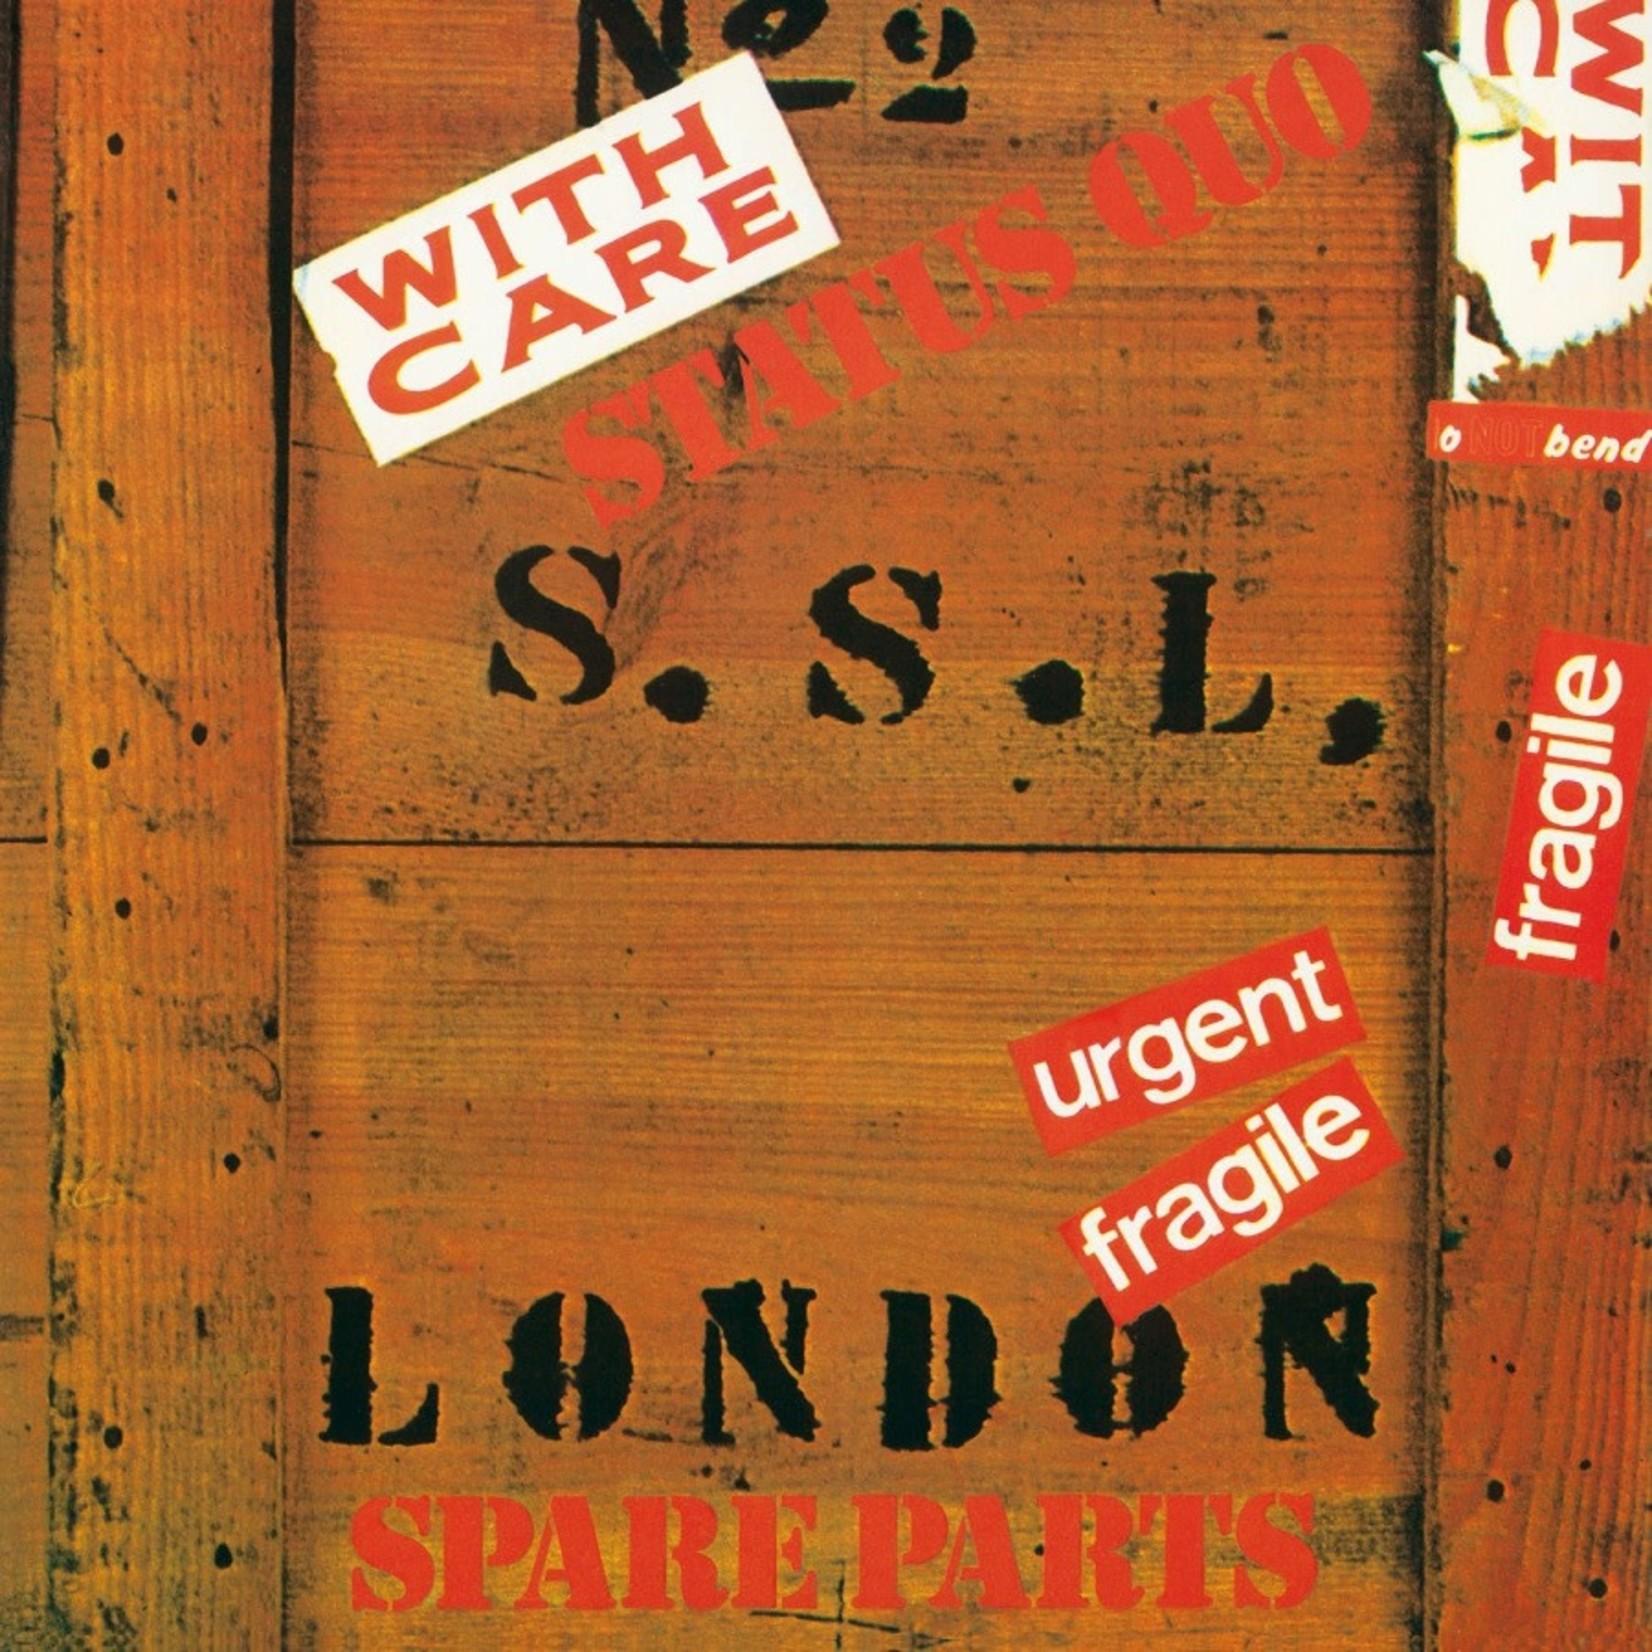 Vinyl Status Quo - Spare Parts (2LP Coloured Vinyl)